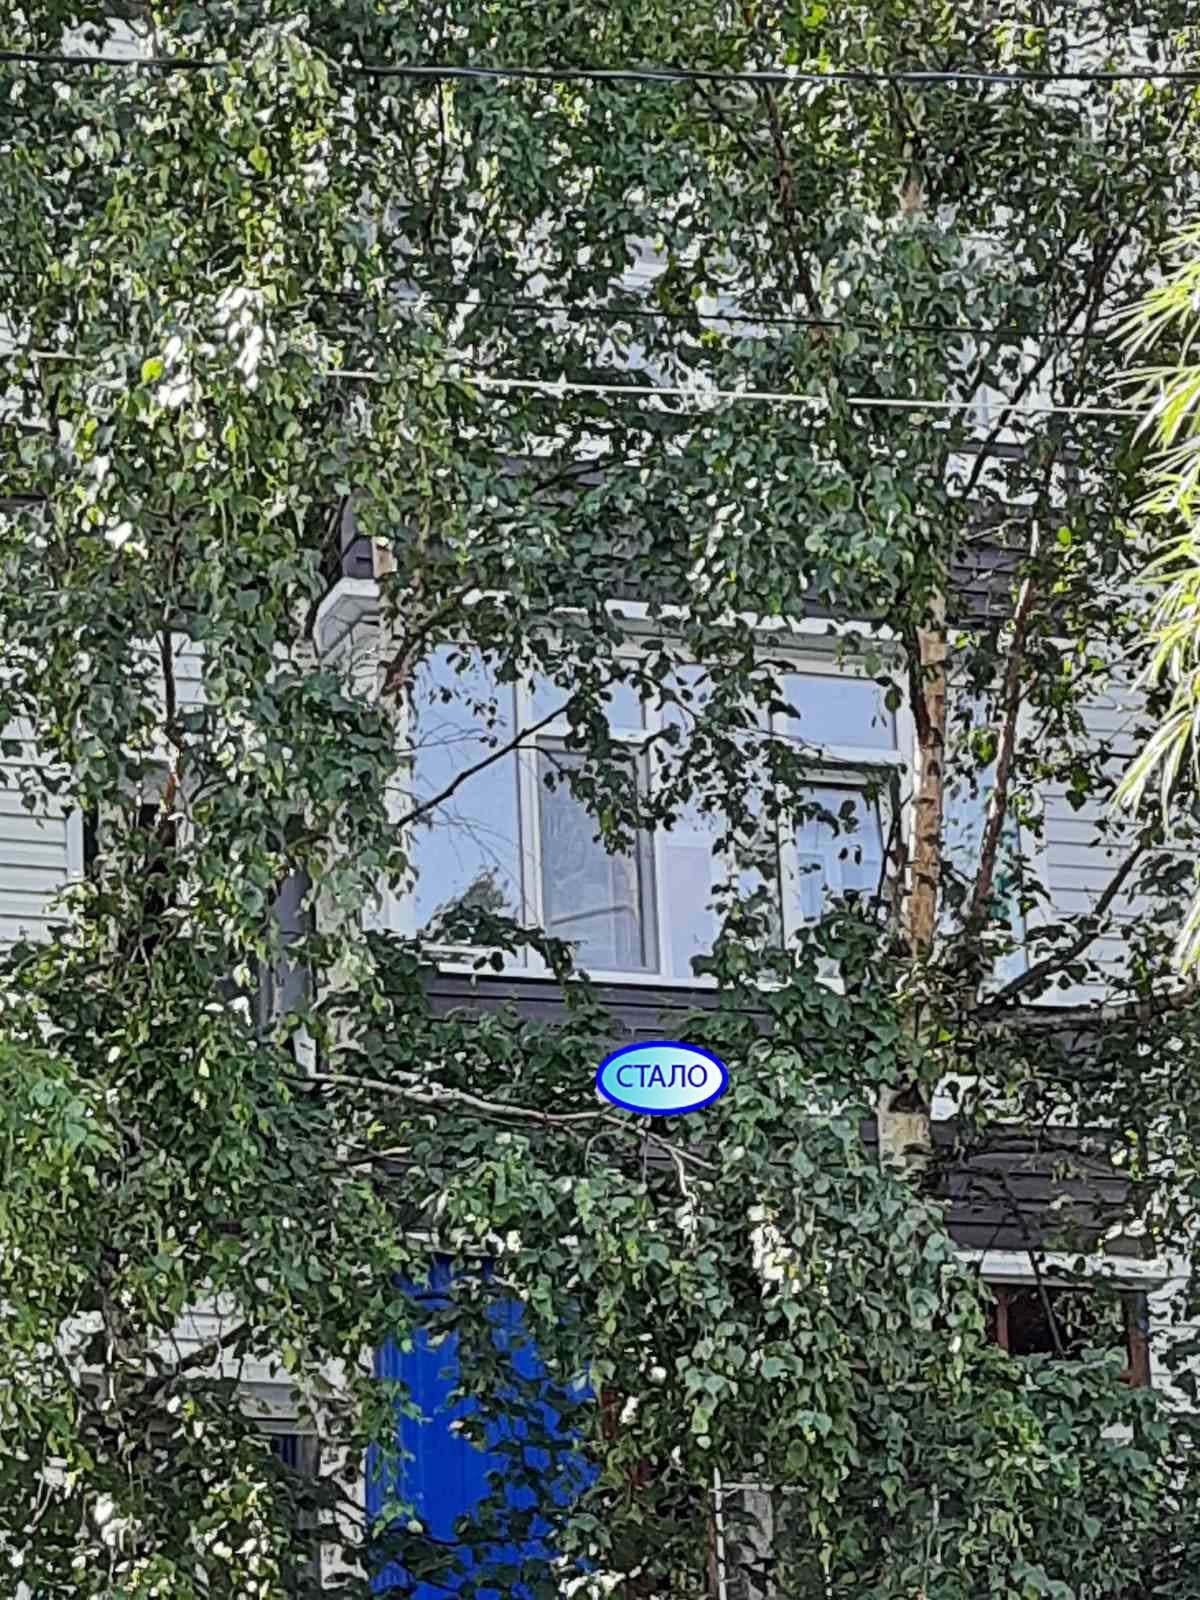 Июнь Работы по установке пластиковых окон Стало ул. Бажова 2в